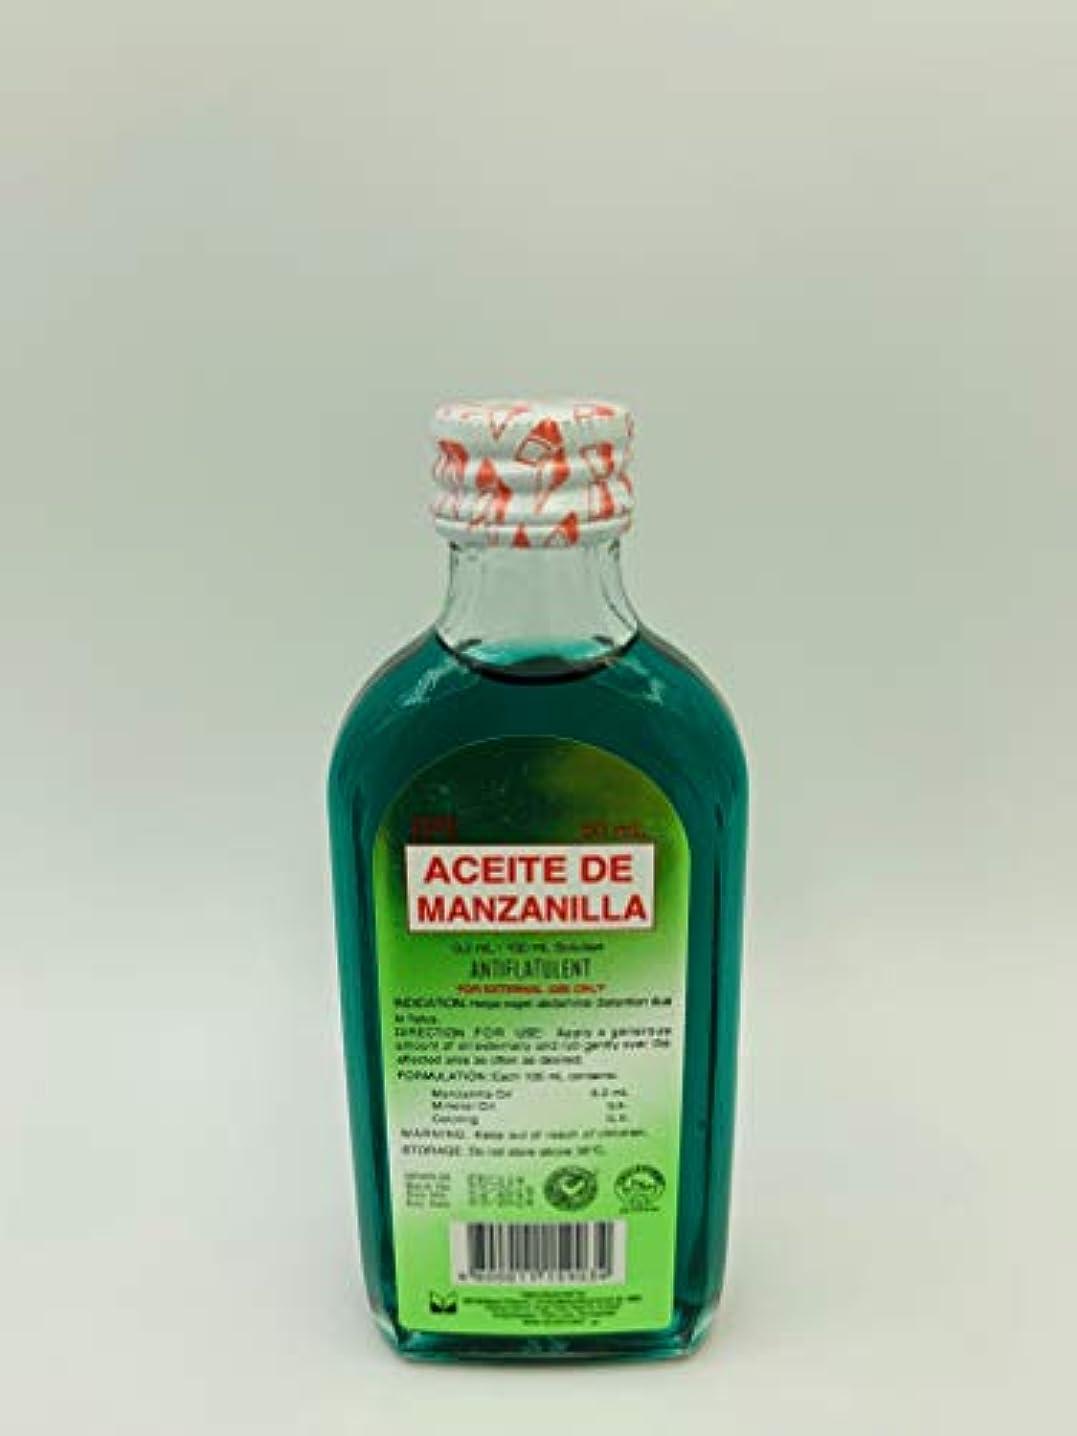 ブレンド裏切る広告するACEITE DE MANZANILLA OIL 50ml【PHILIPPINES】アシーテ マッサージ オイル 50ml フィリピン